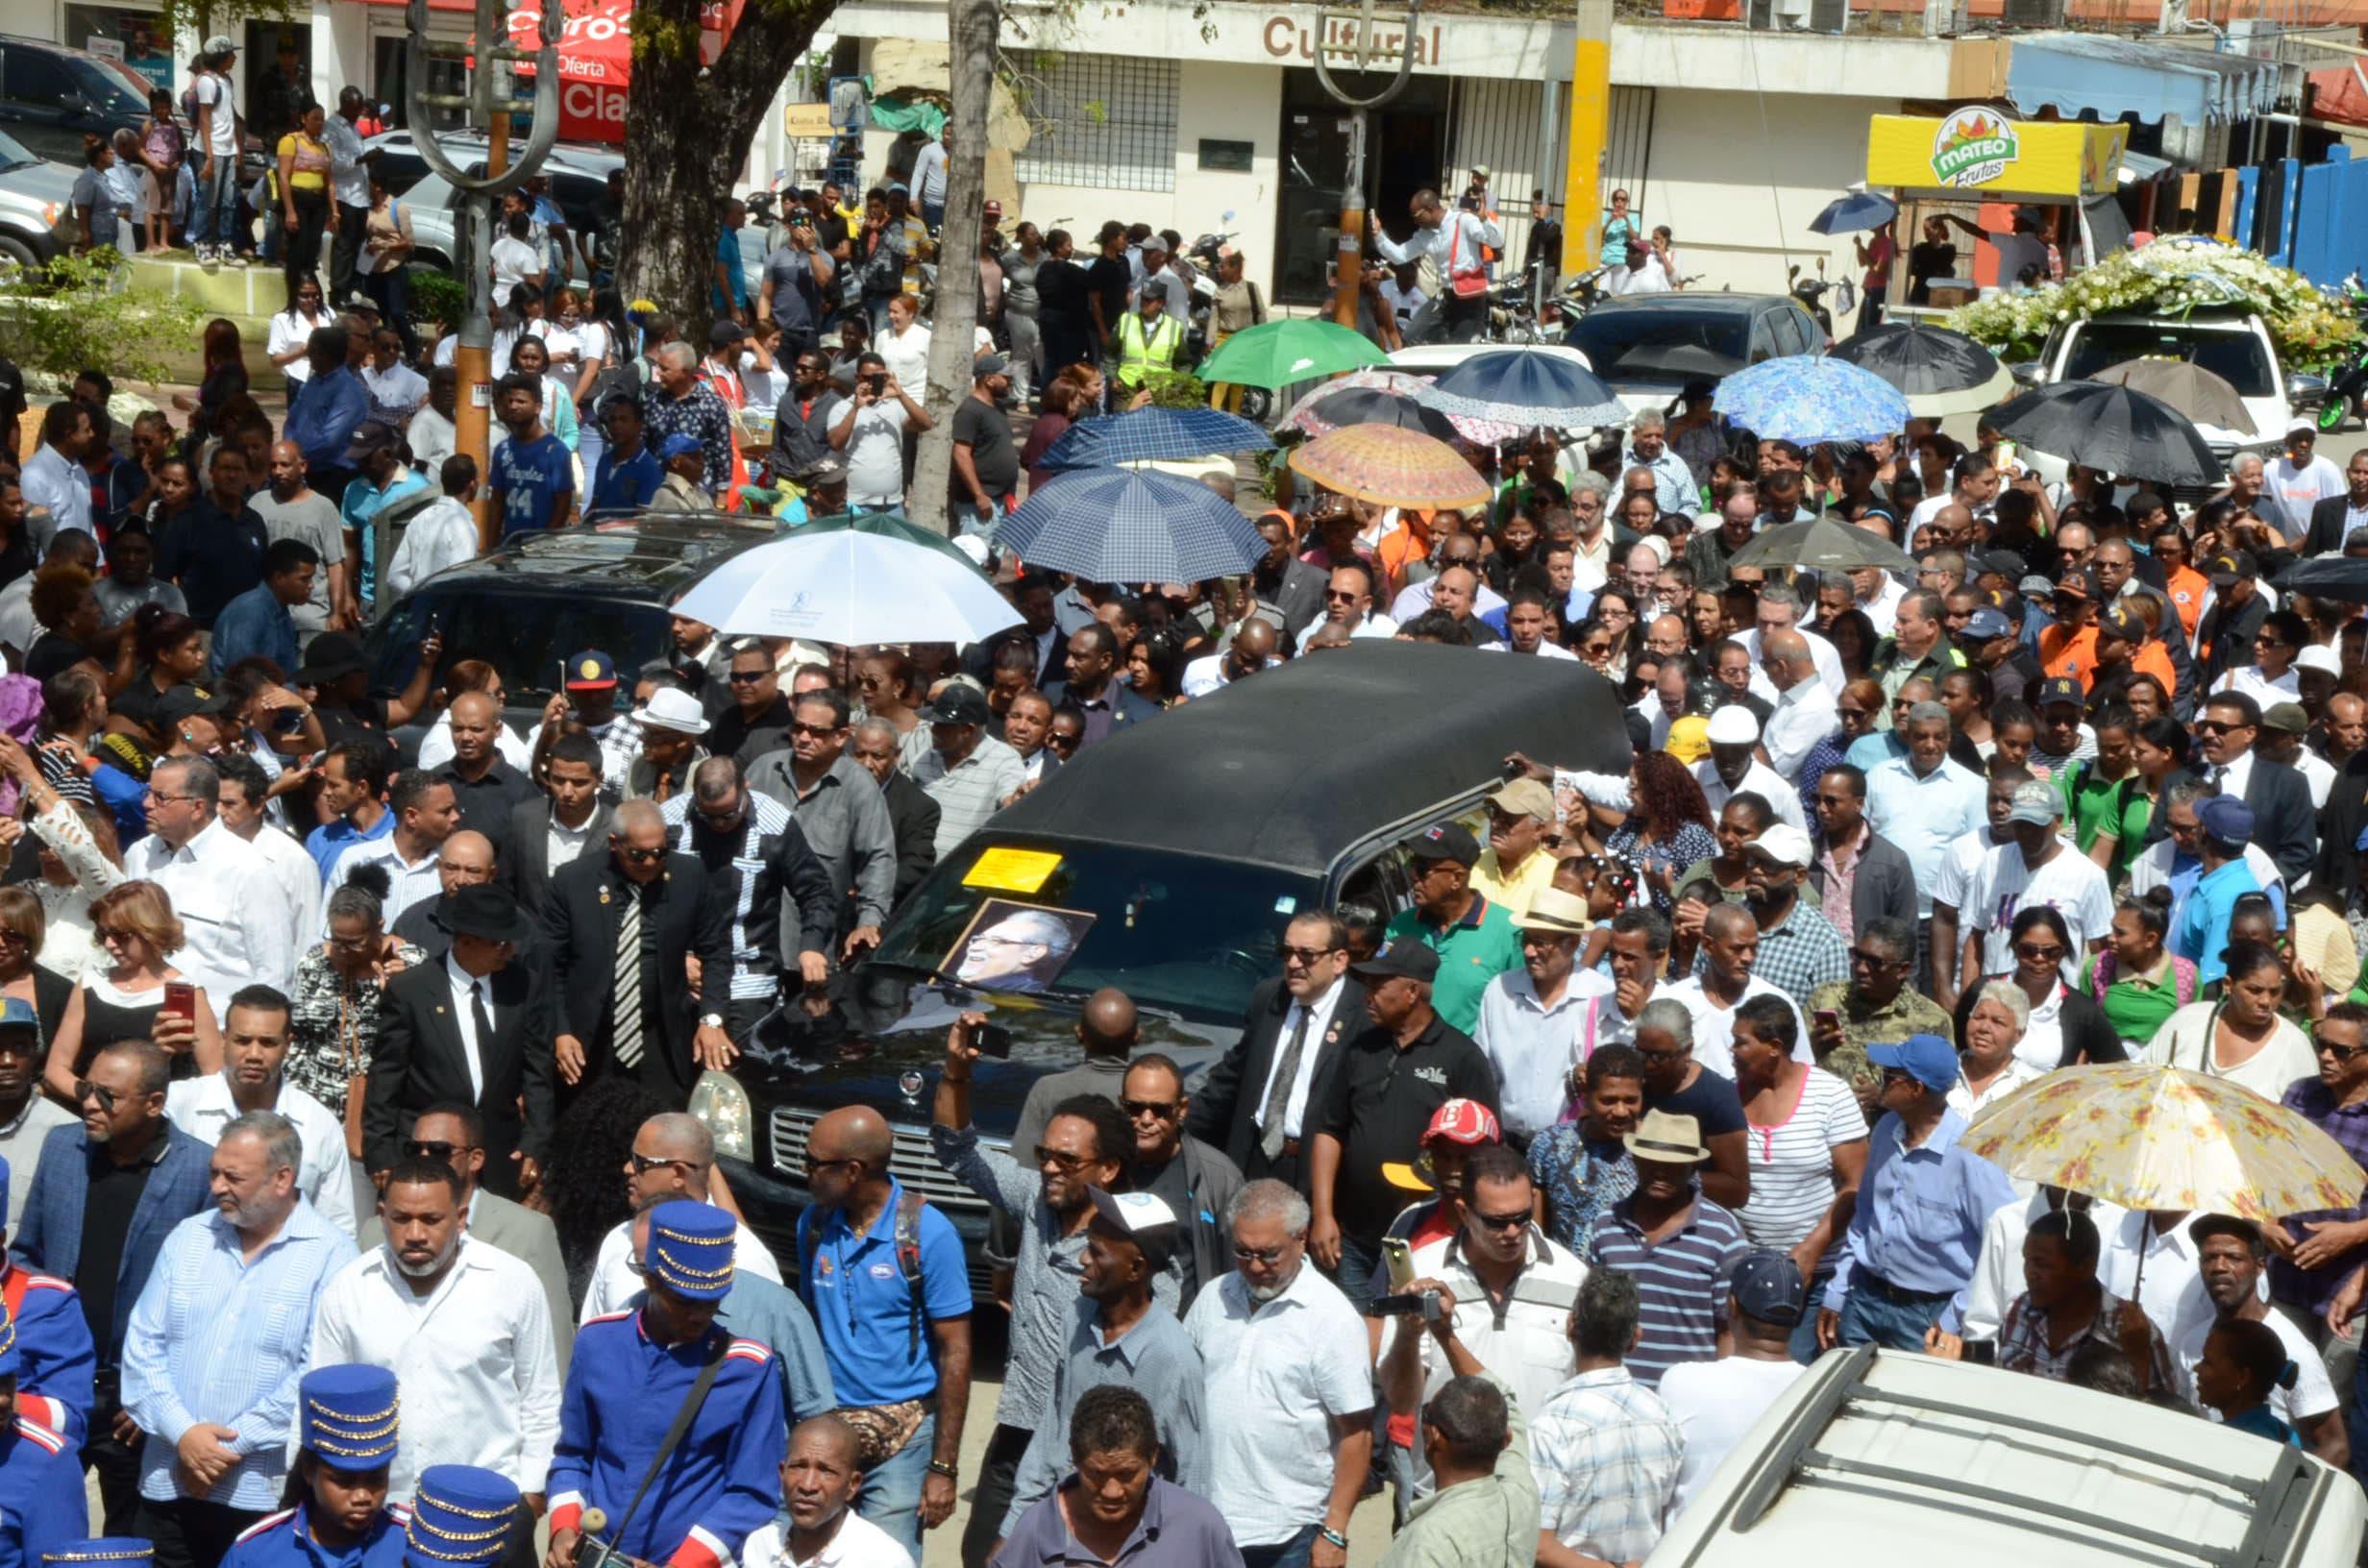 4.  La multitud acompañó a Anthony Ríos hasta su morada final.